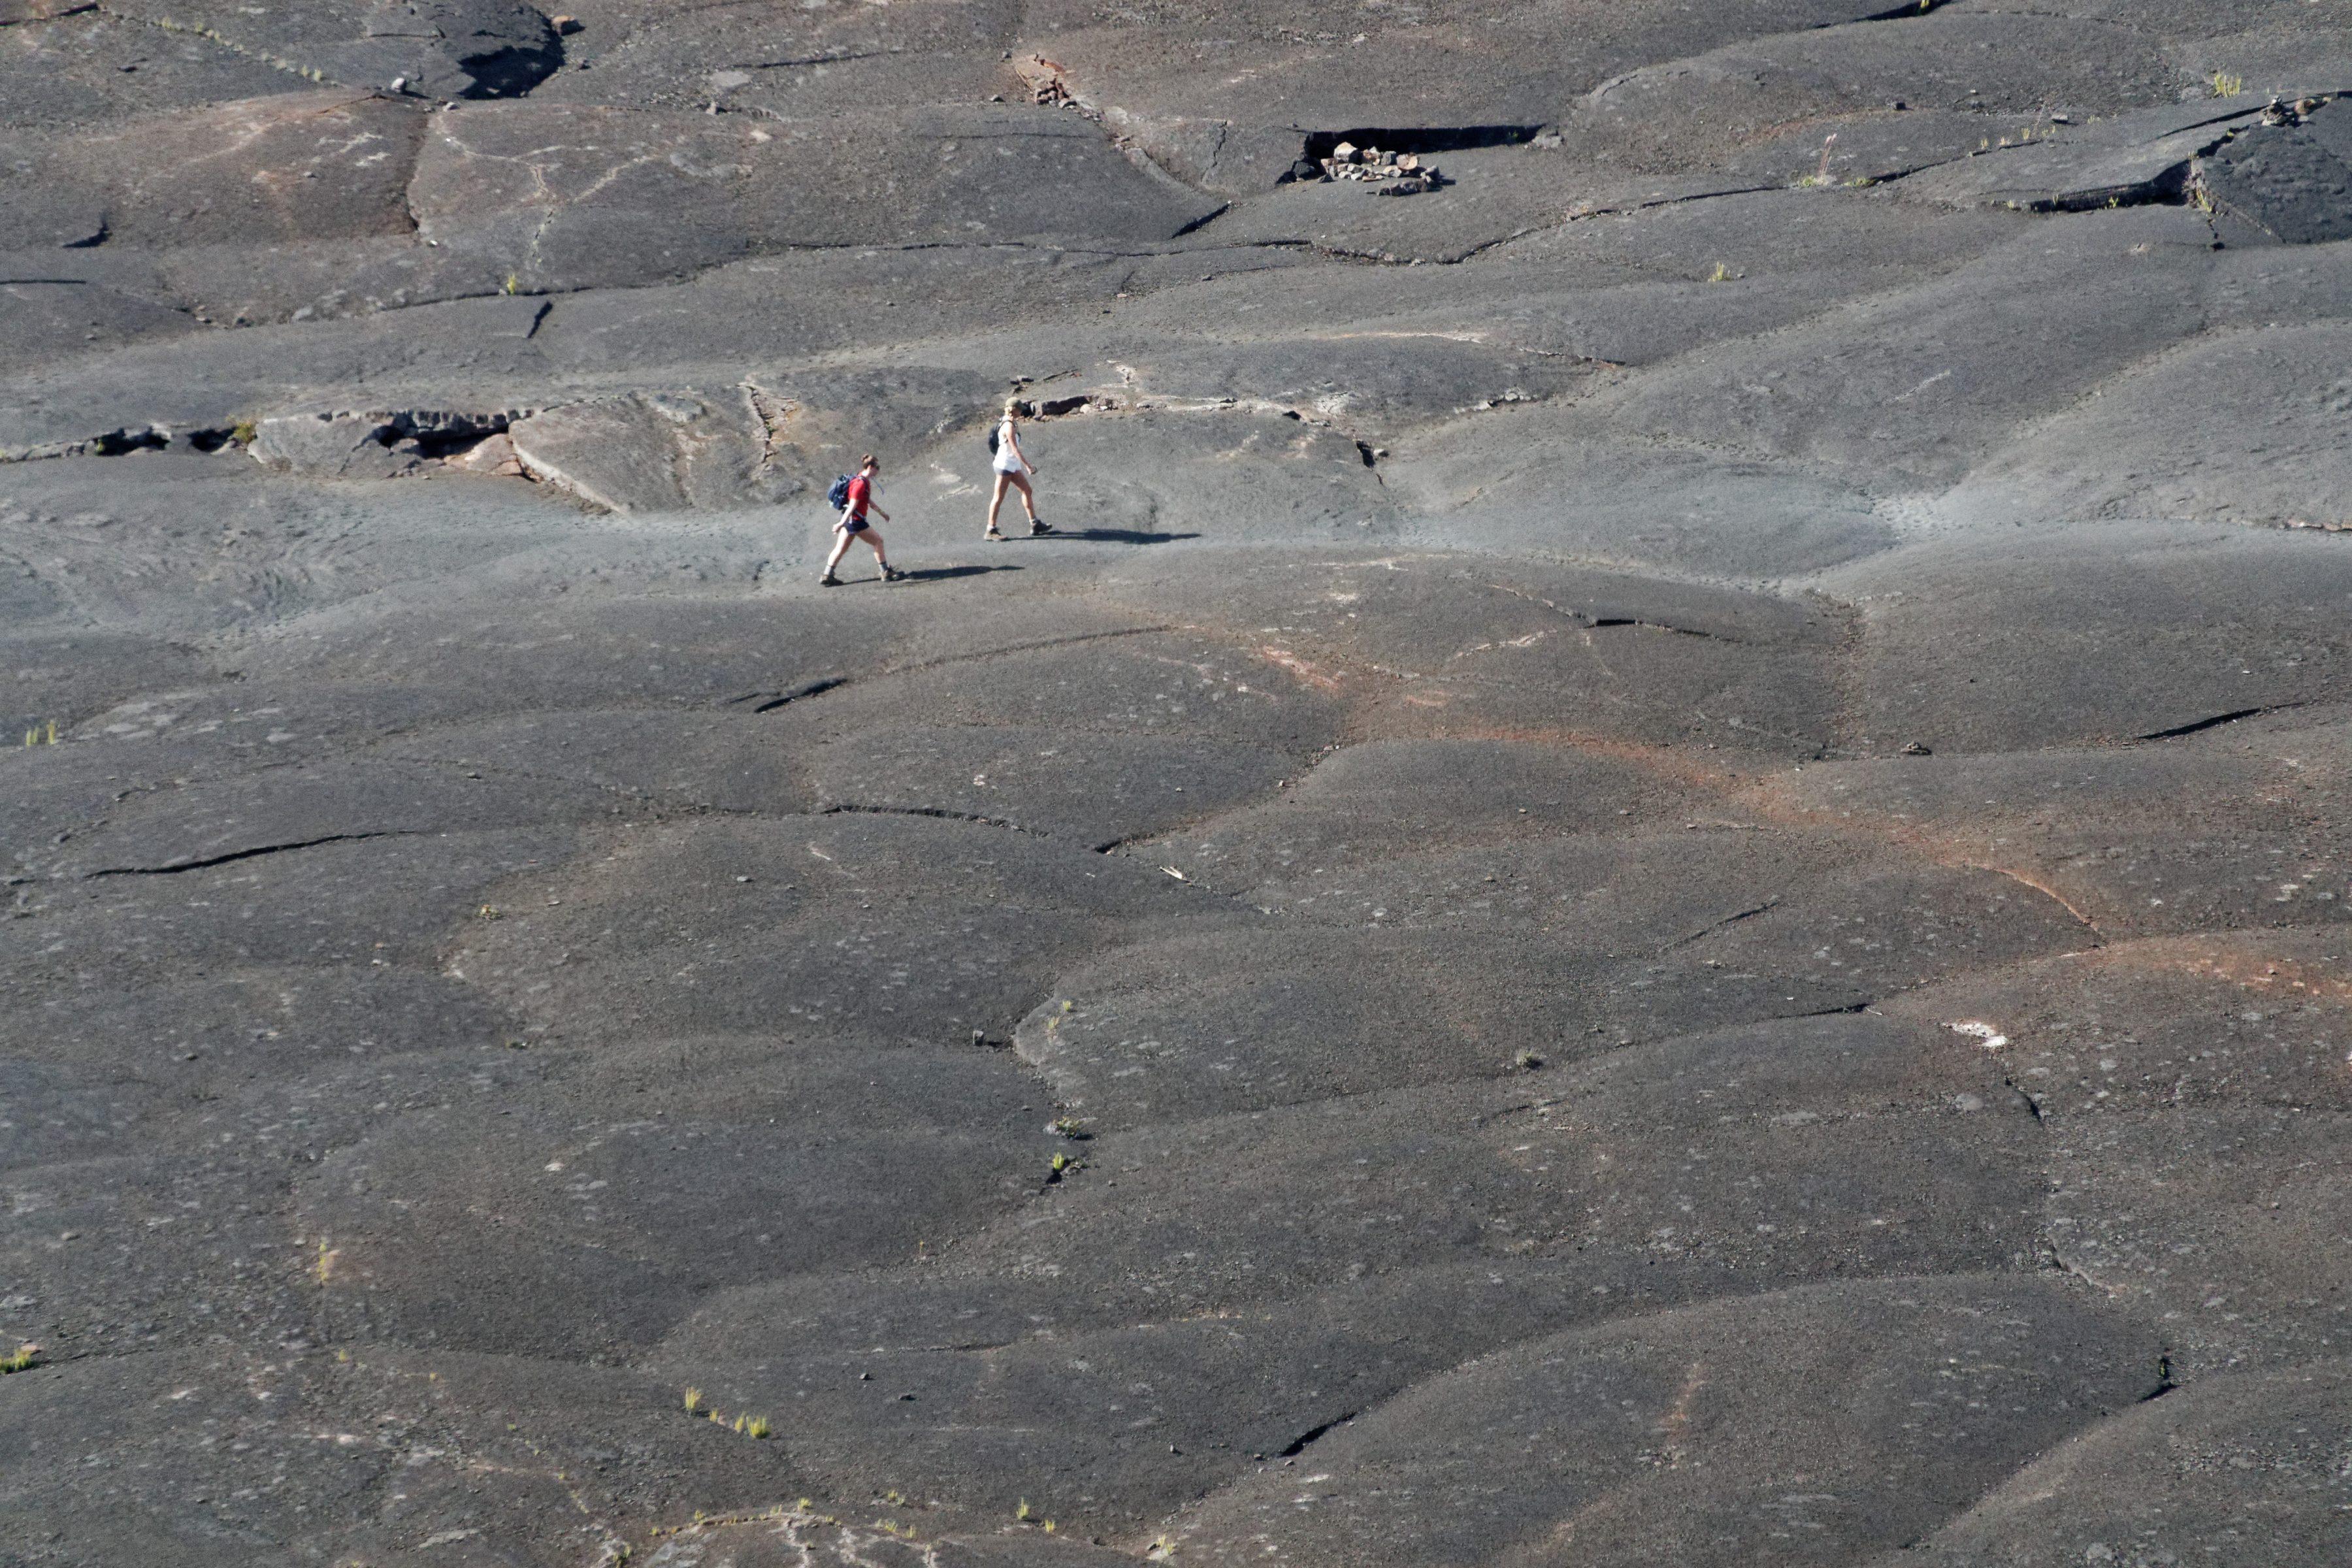 Deux randonneurs sur le fond du lac de lave du Kilauea Iki